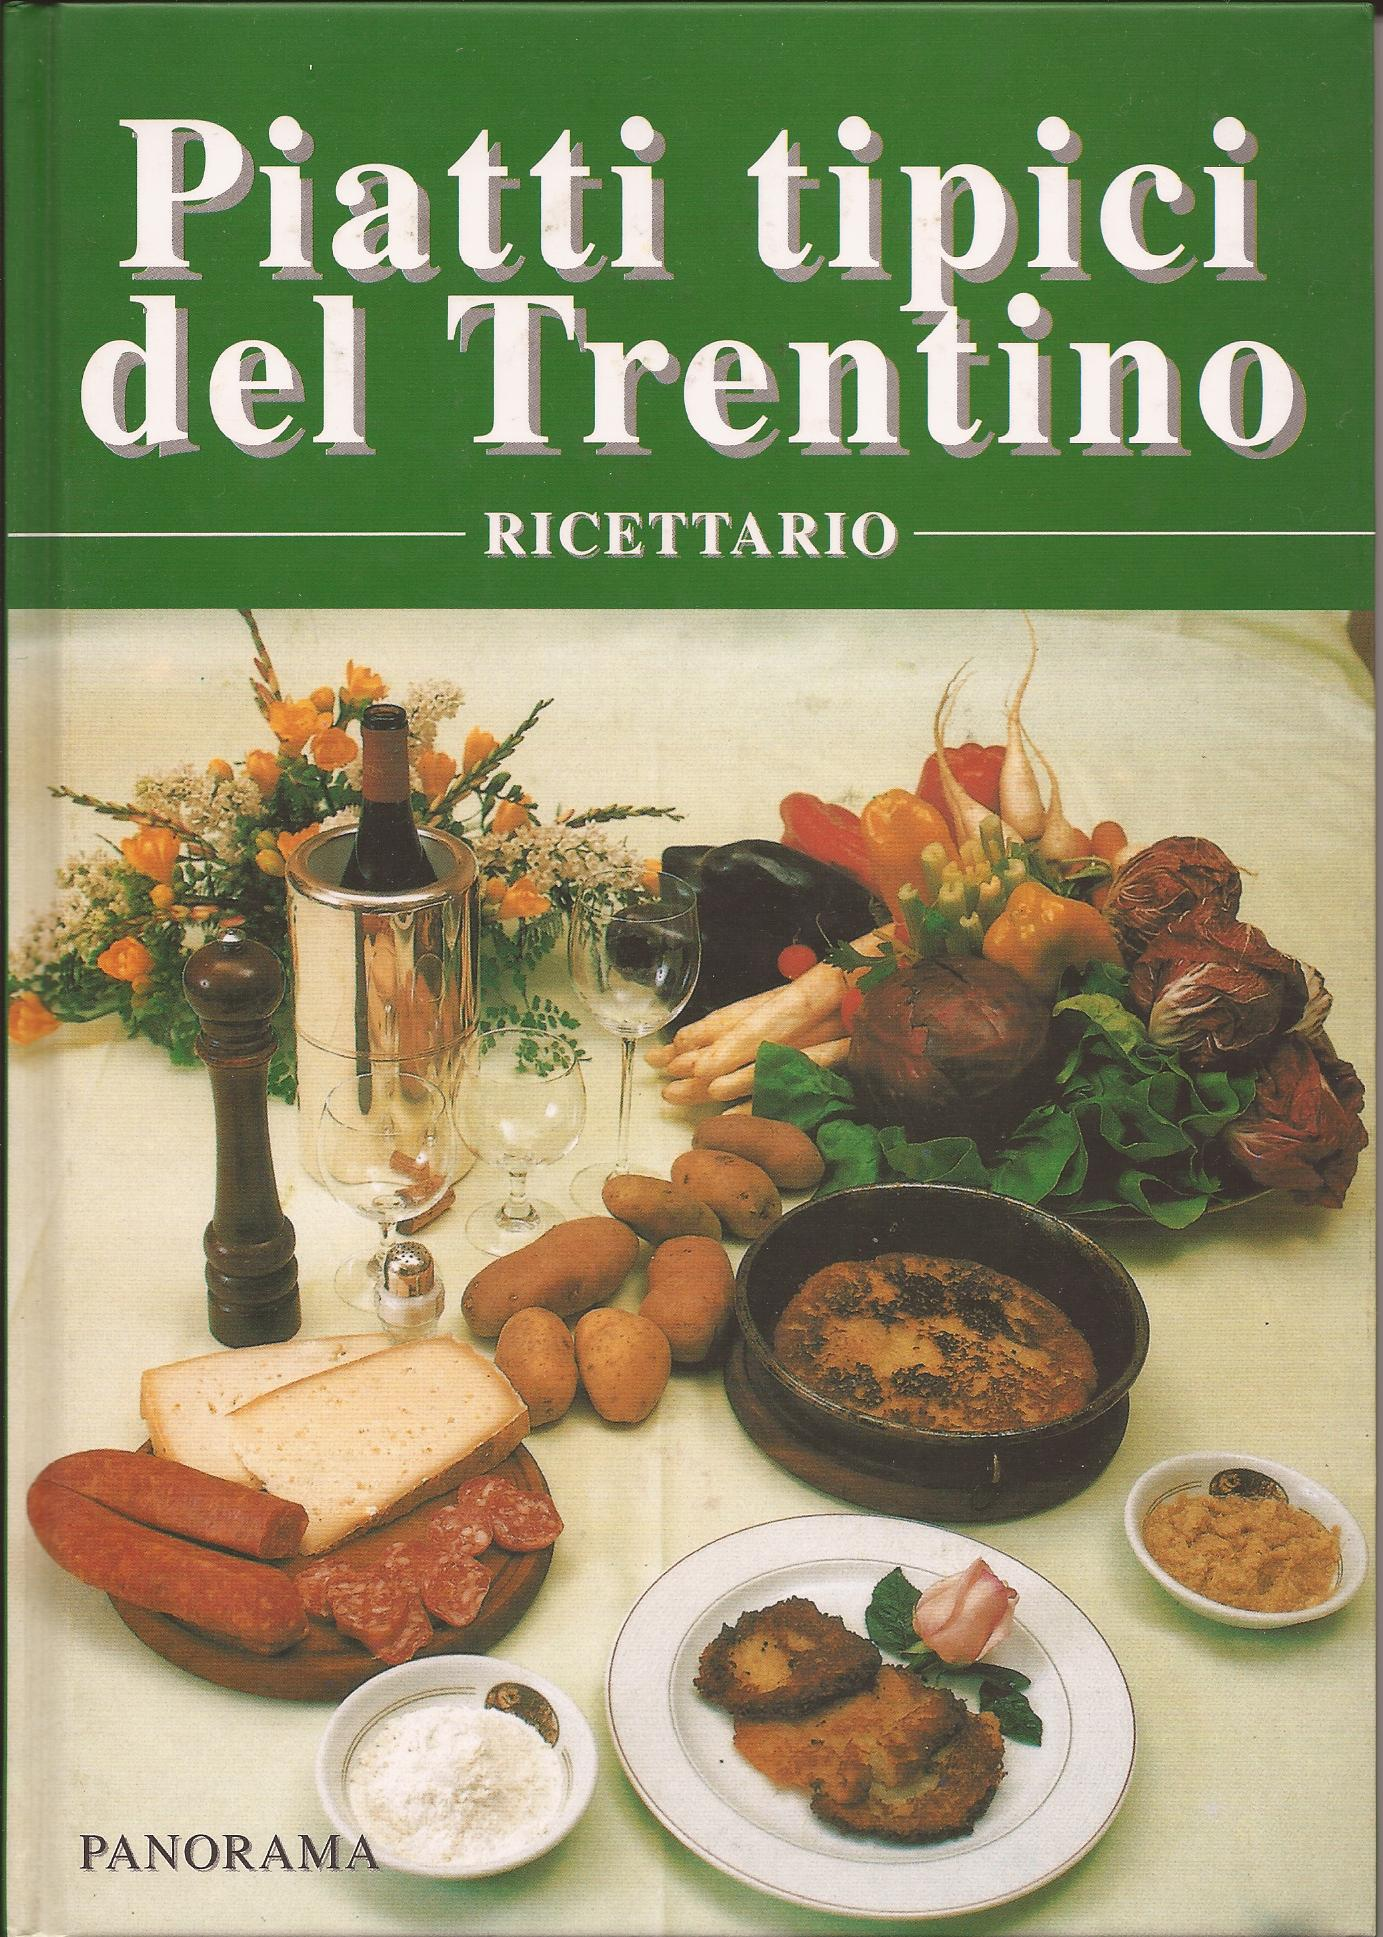 Piatti tipici del Trentino